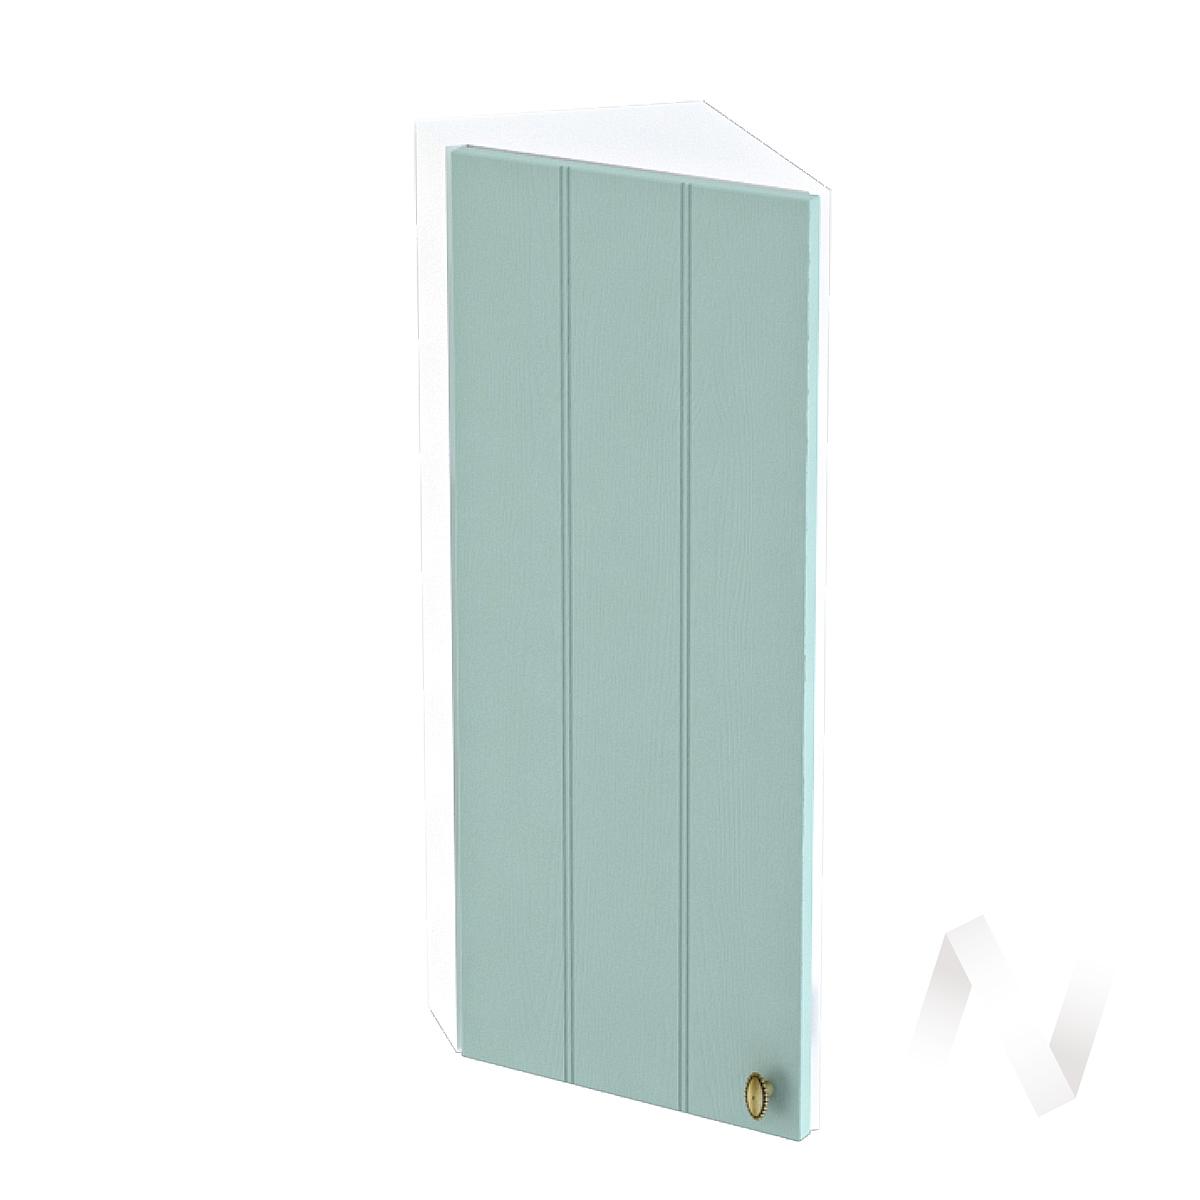 """Кухня """"Прованс"""": Шкаф верхний торцевой 224, ШВТ 224 (голубой/корпус белый)"""